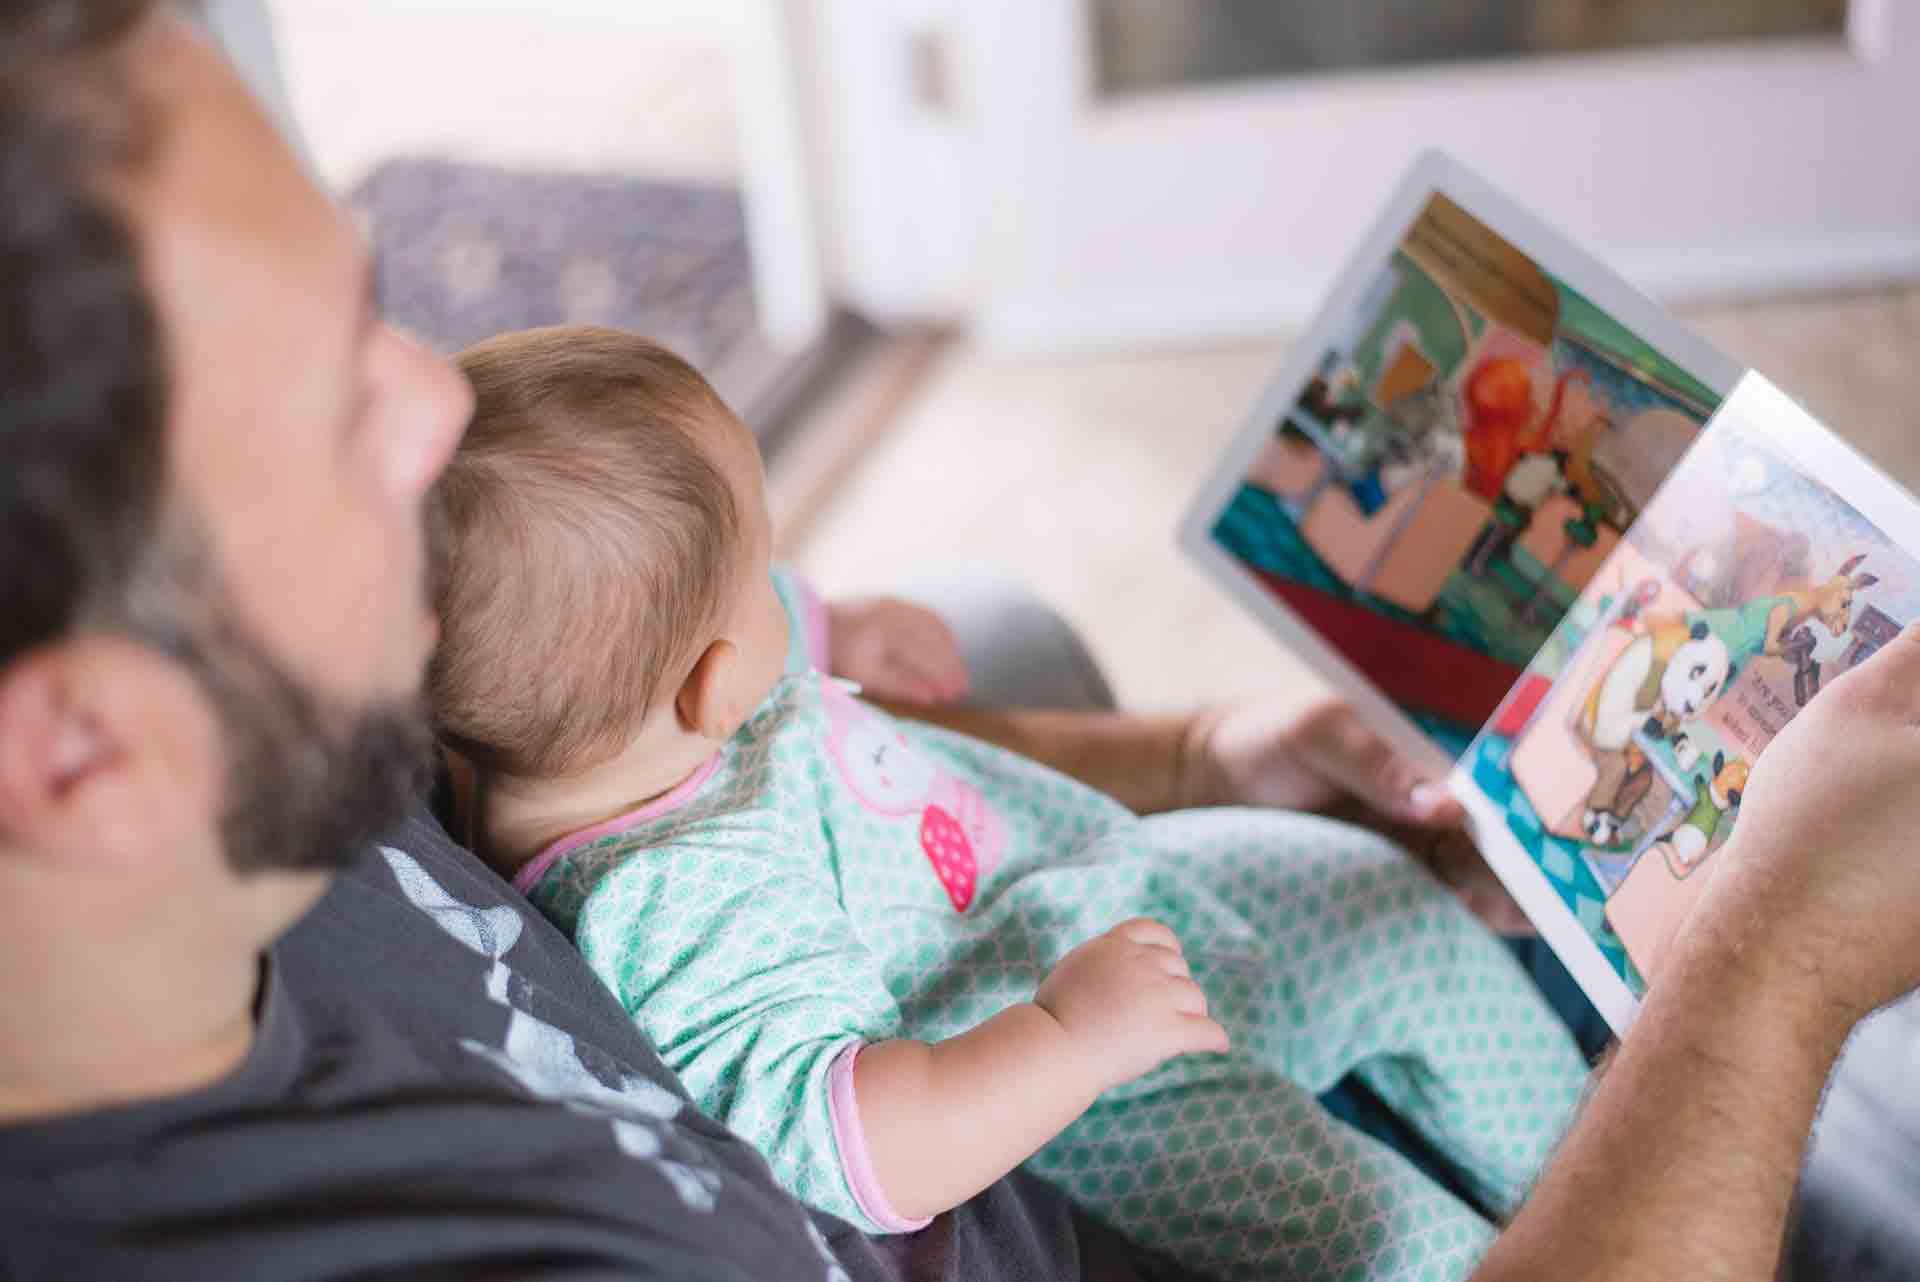 【閱讀經驗談】親子愛共讀:好處、方法跟書單